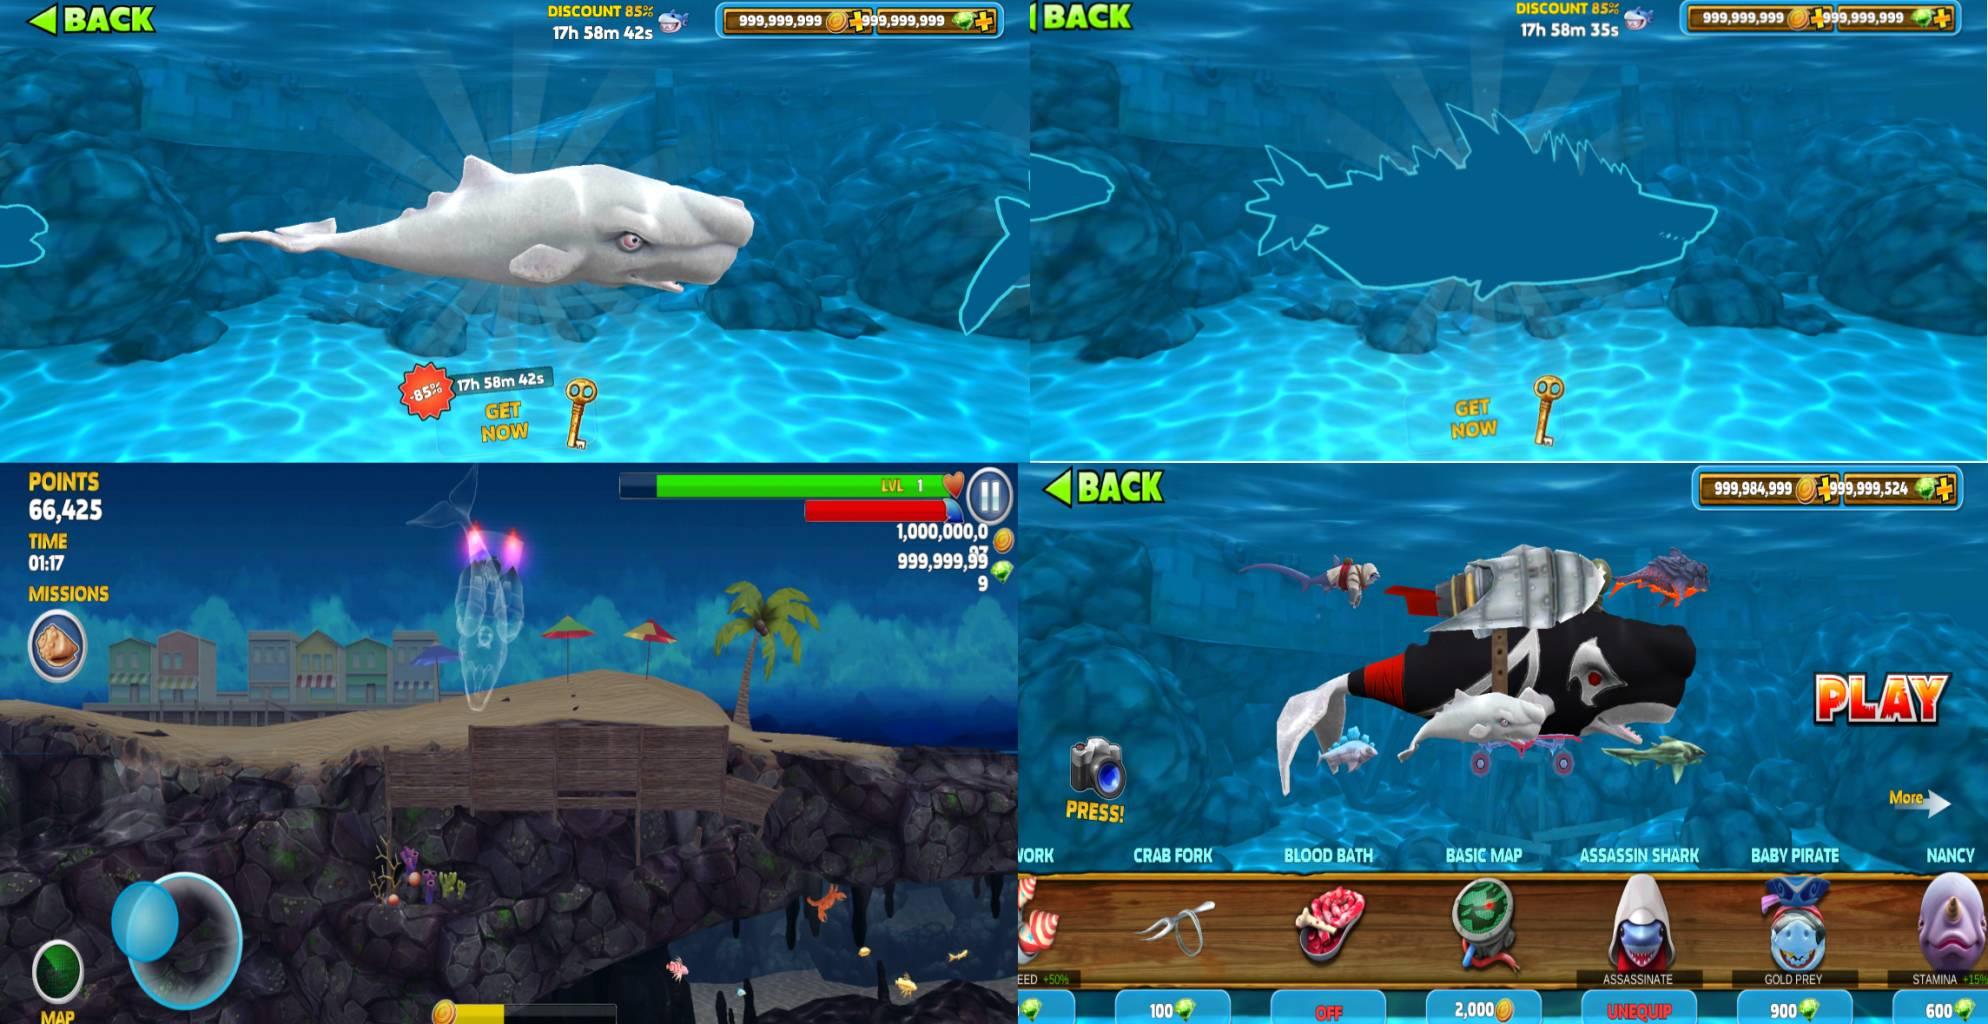 『国际版』饥饿鲨v7.0-依辰破解版<无限金币/宝石>